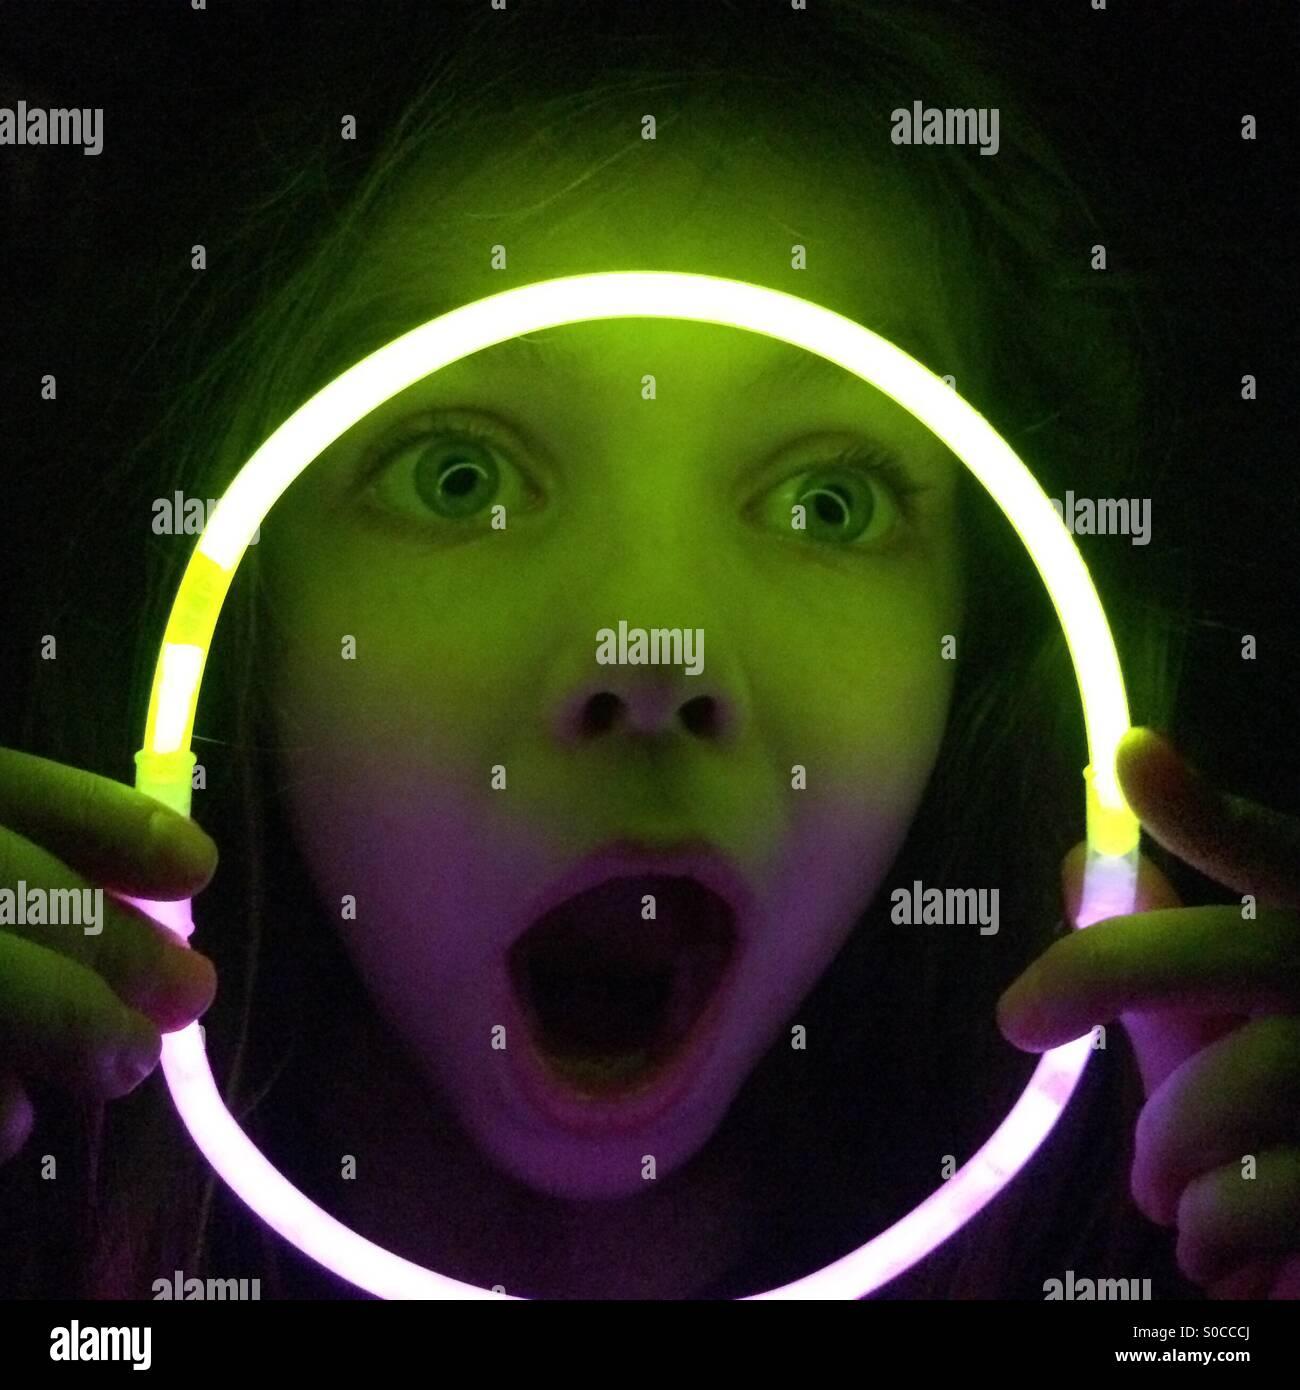 Chica haciendo cara divertida mirando a través glow stick collar en la oscuridad Imagen De Stock